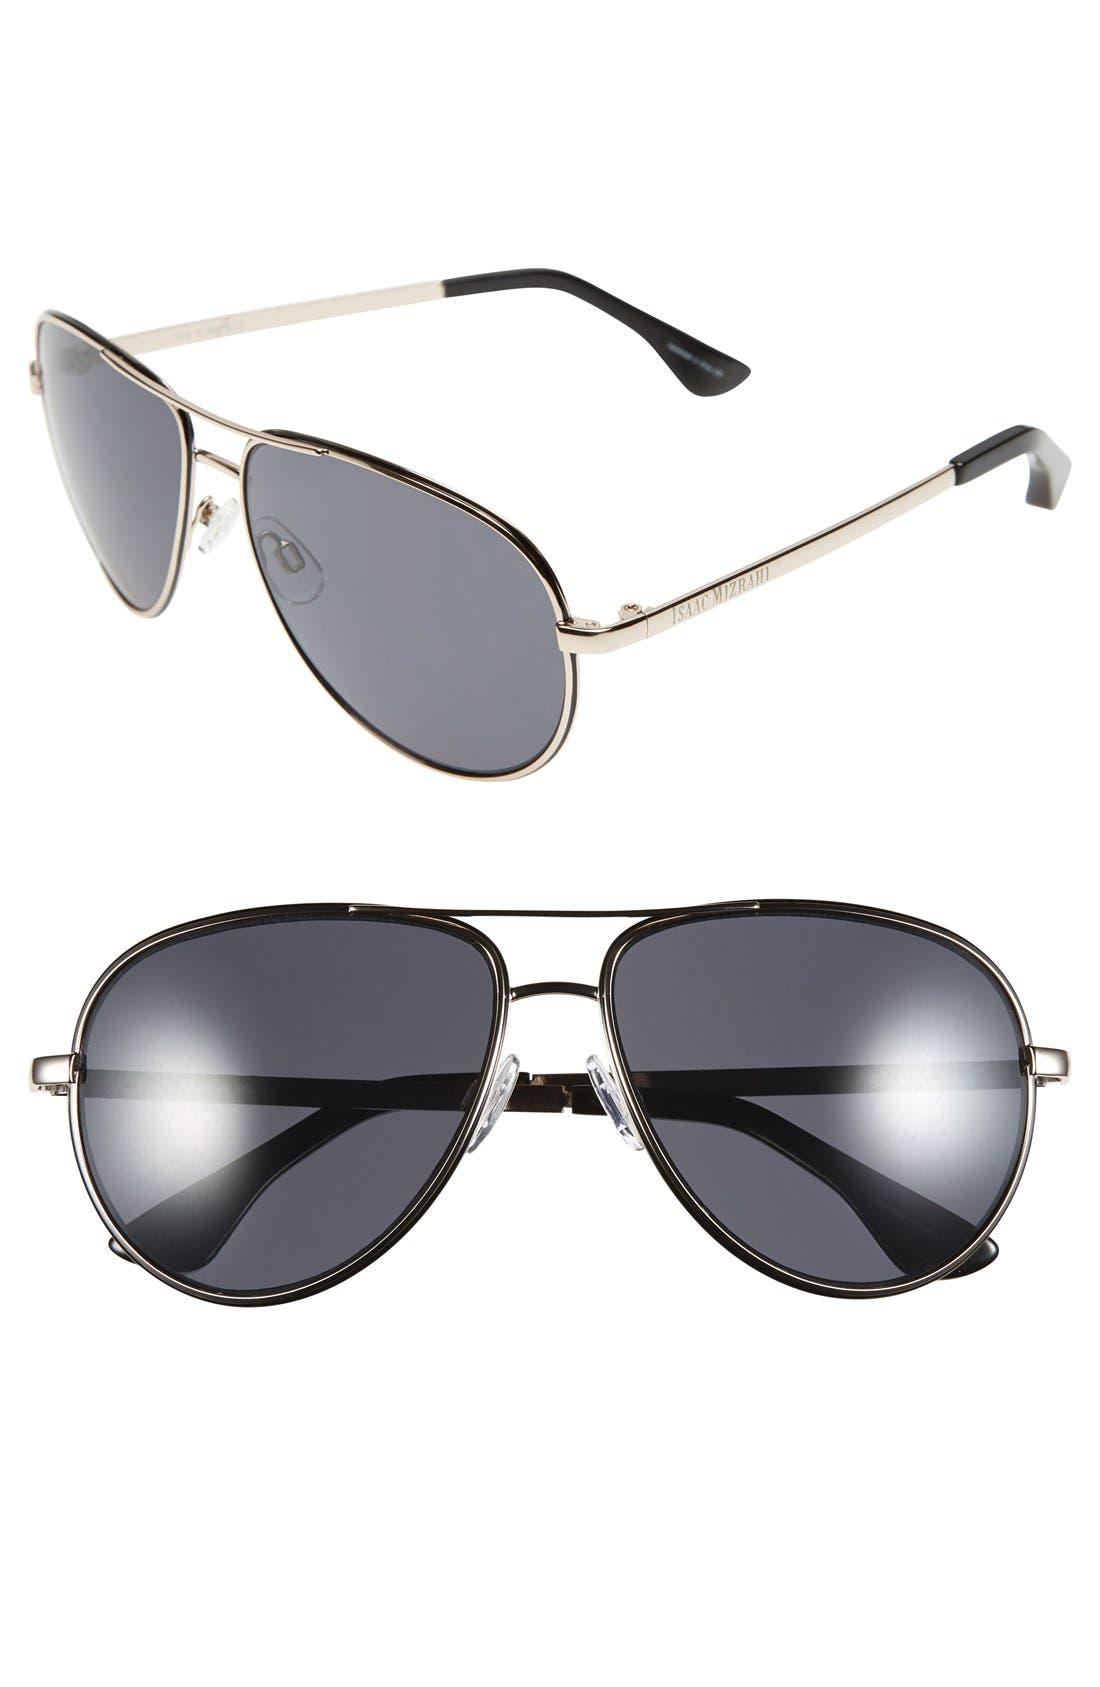 Main Image - Isaac Mizrahi New York 59mm Aviator Sunglasses